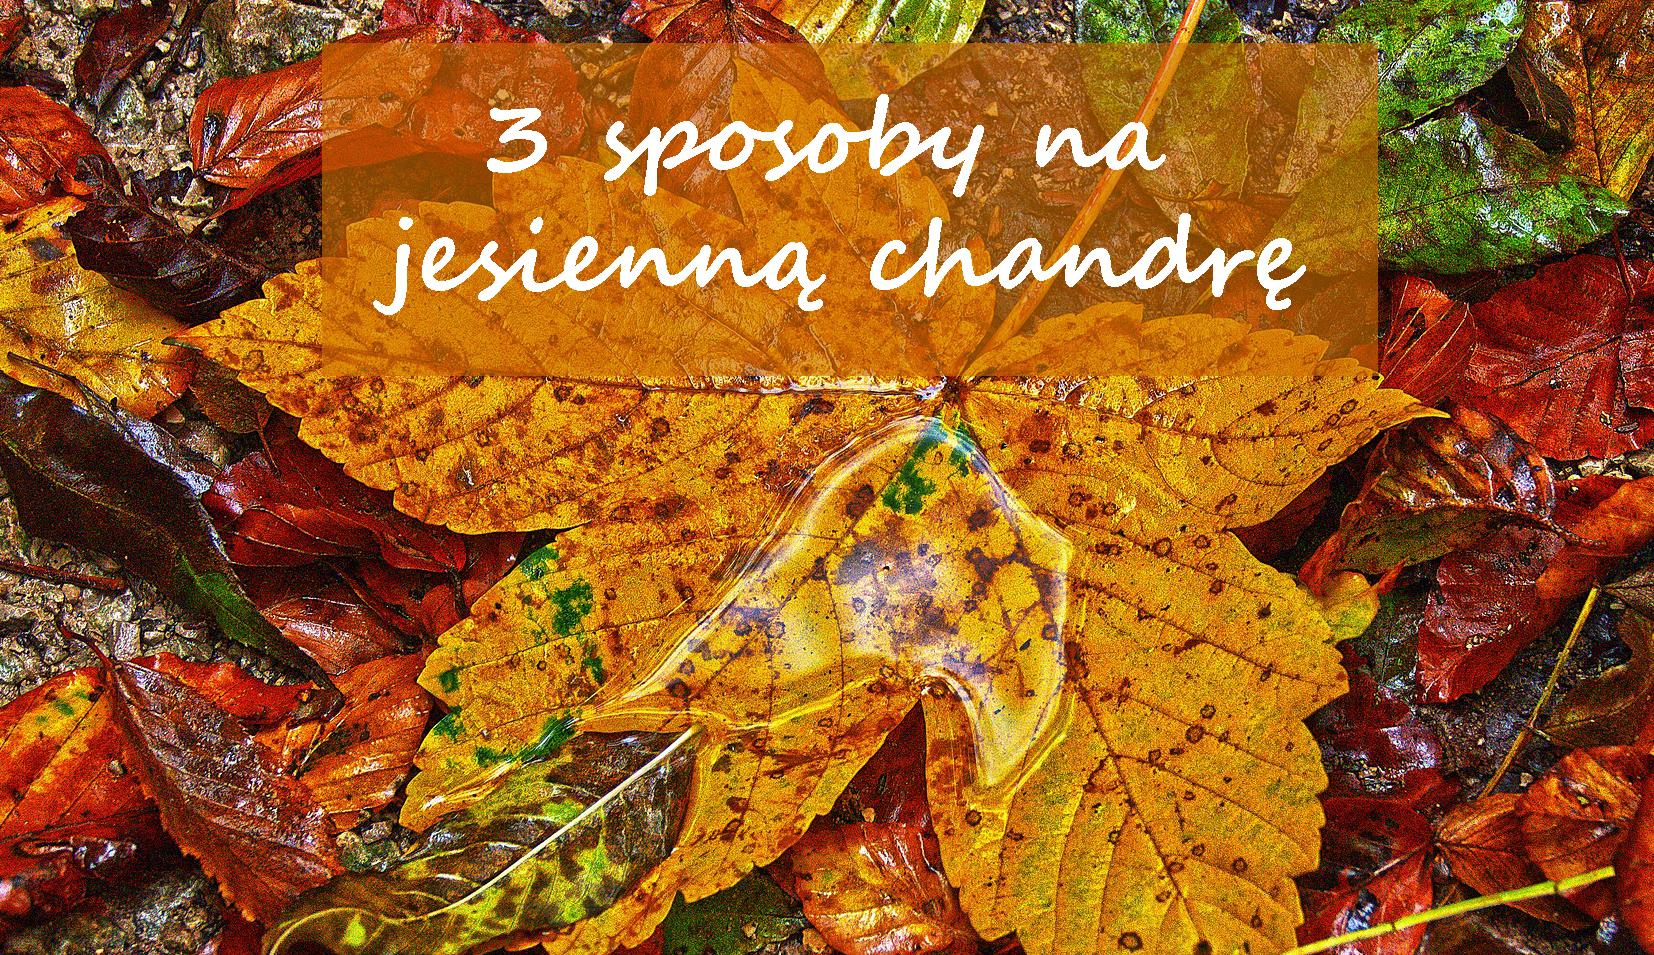 3 sposoby na jesienna chandrę